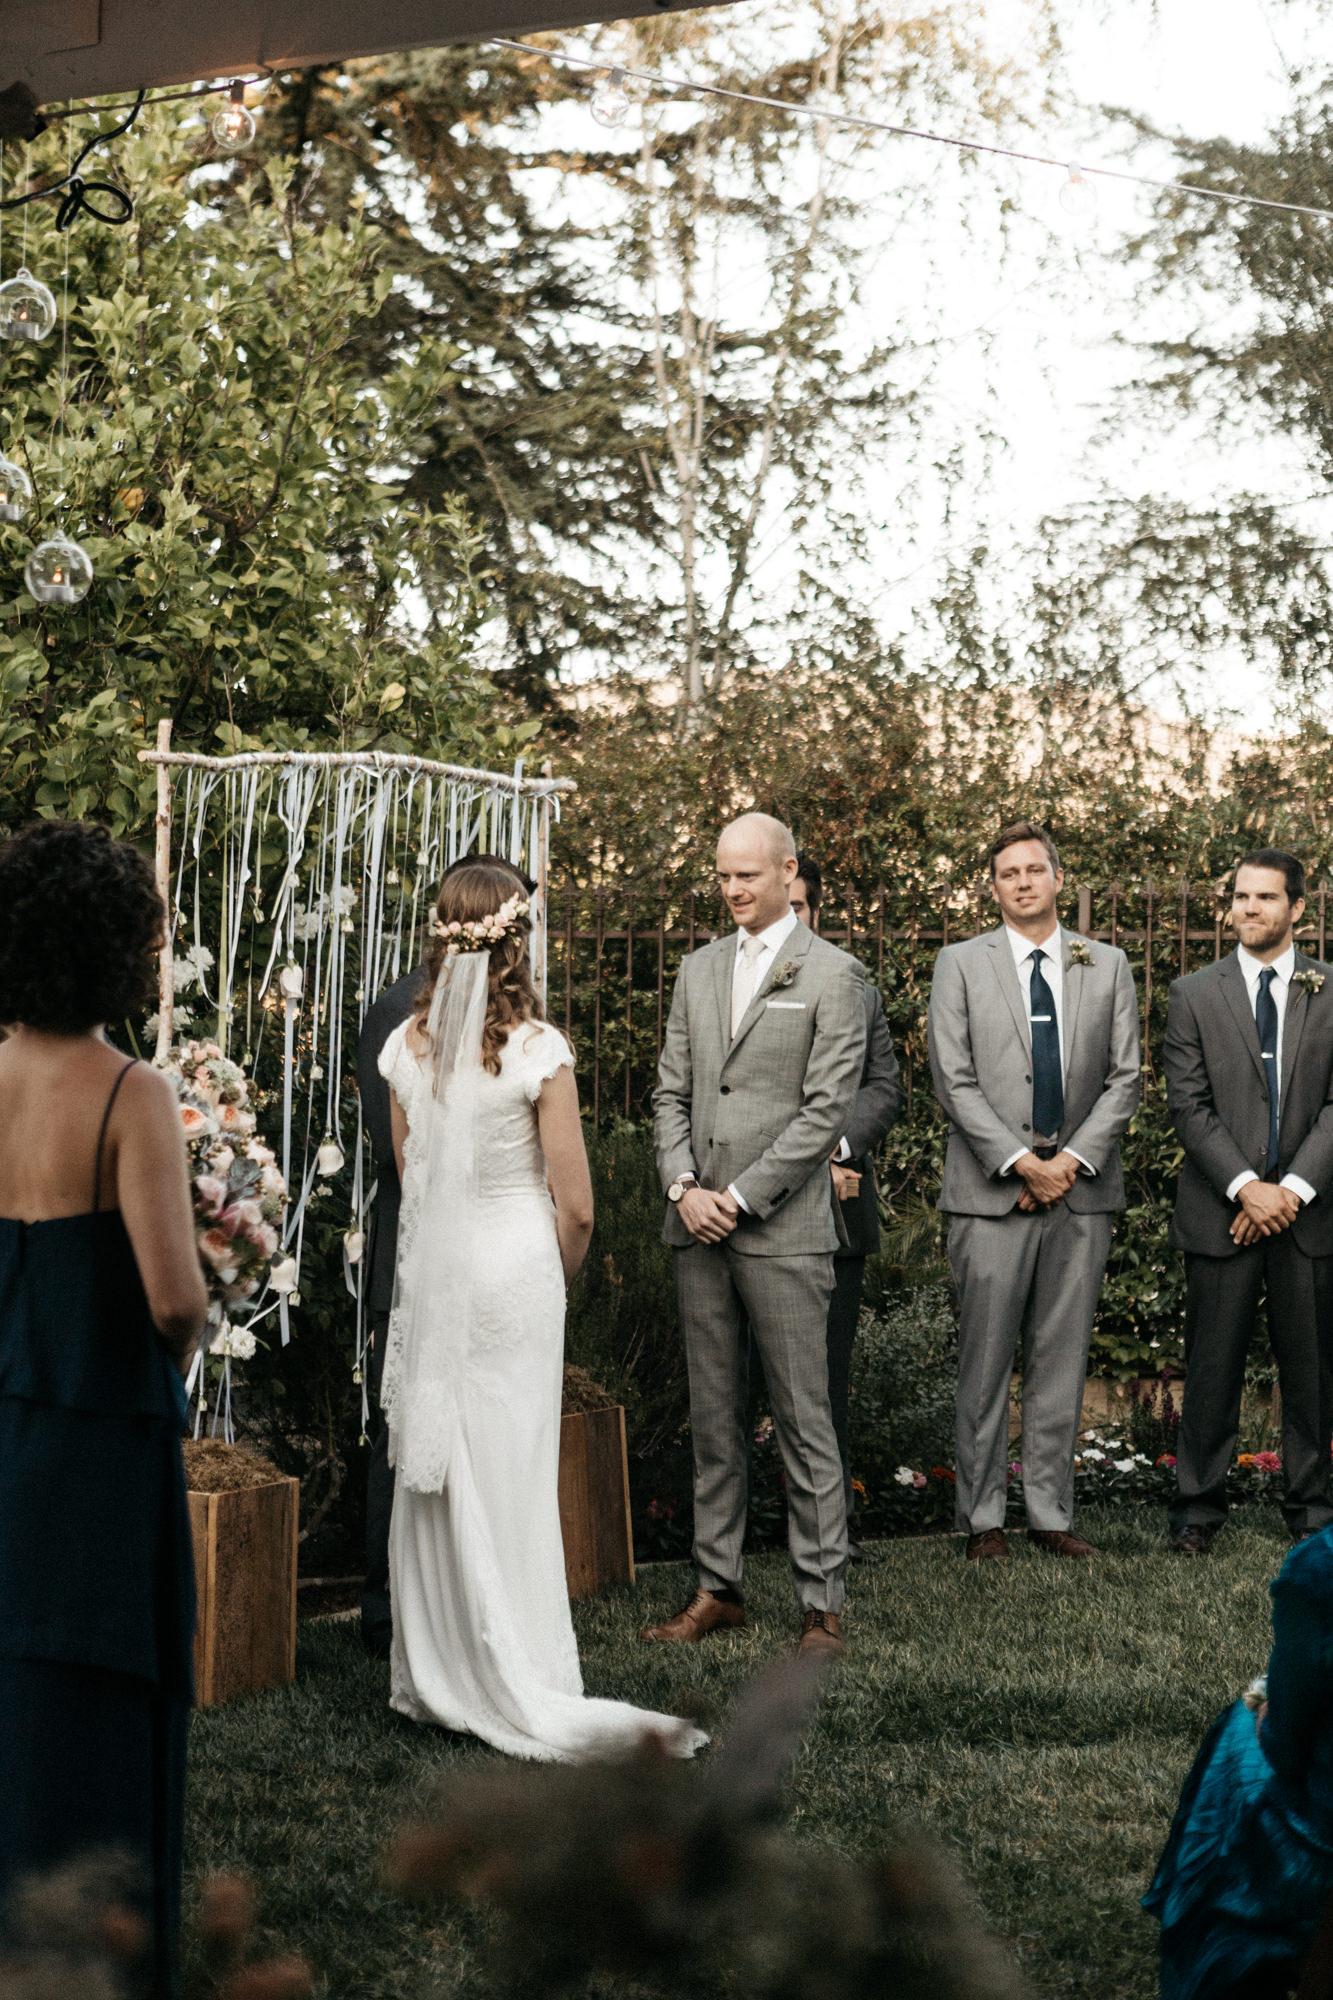 los_angeles_mormon_temple_wedding-35.jpg